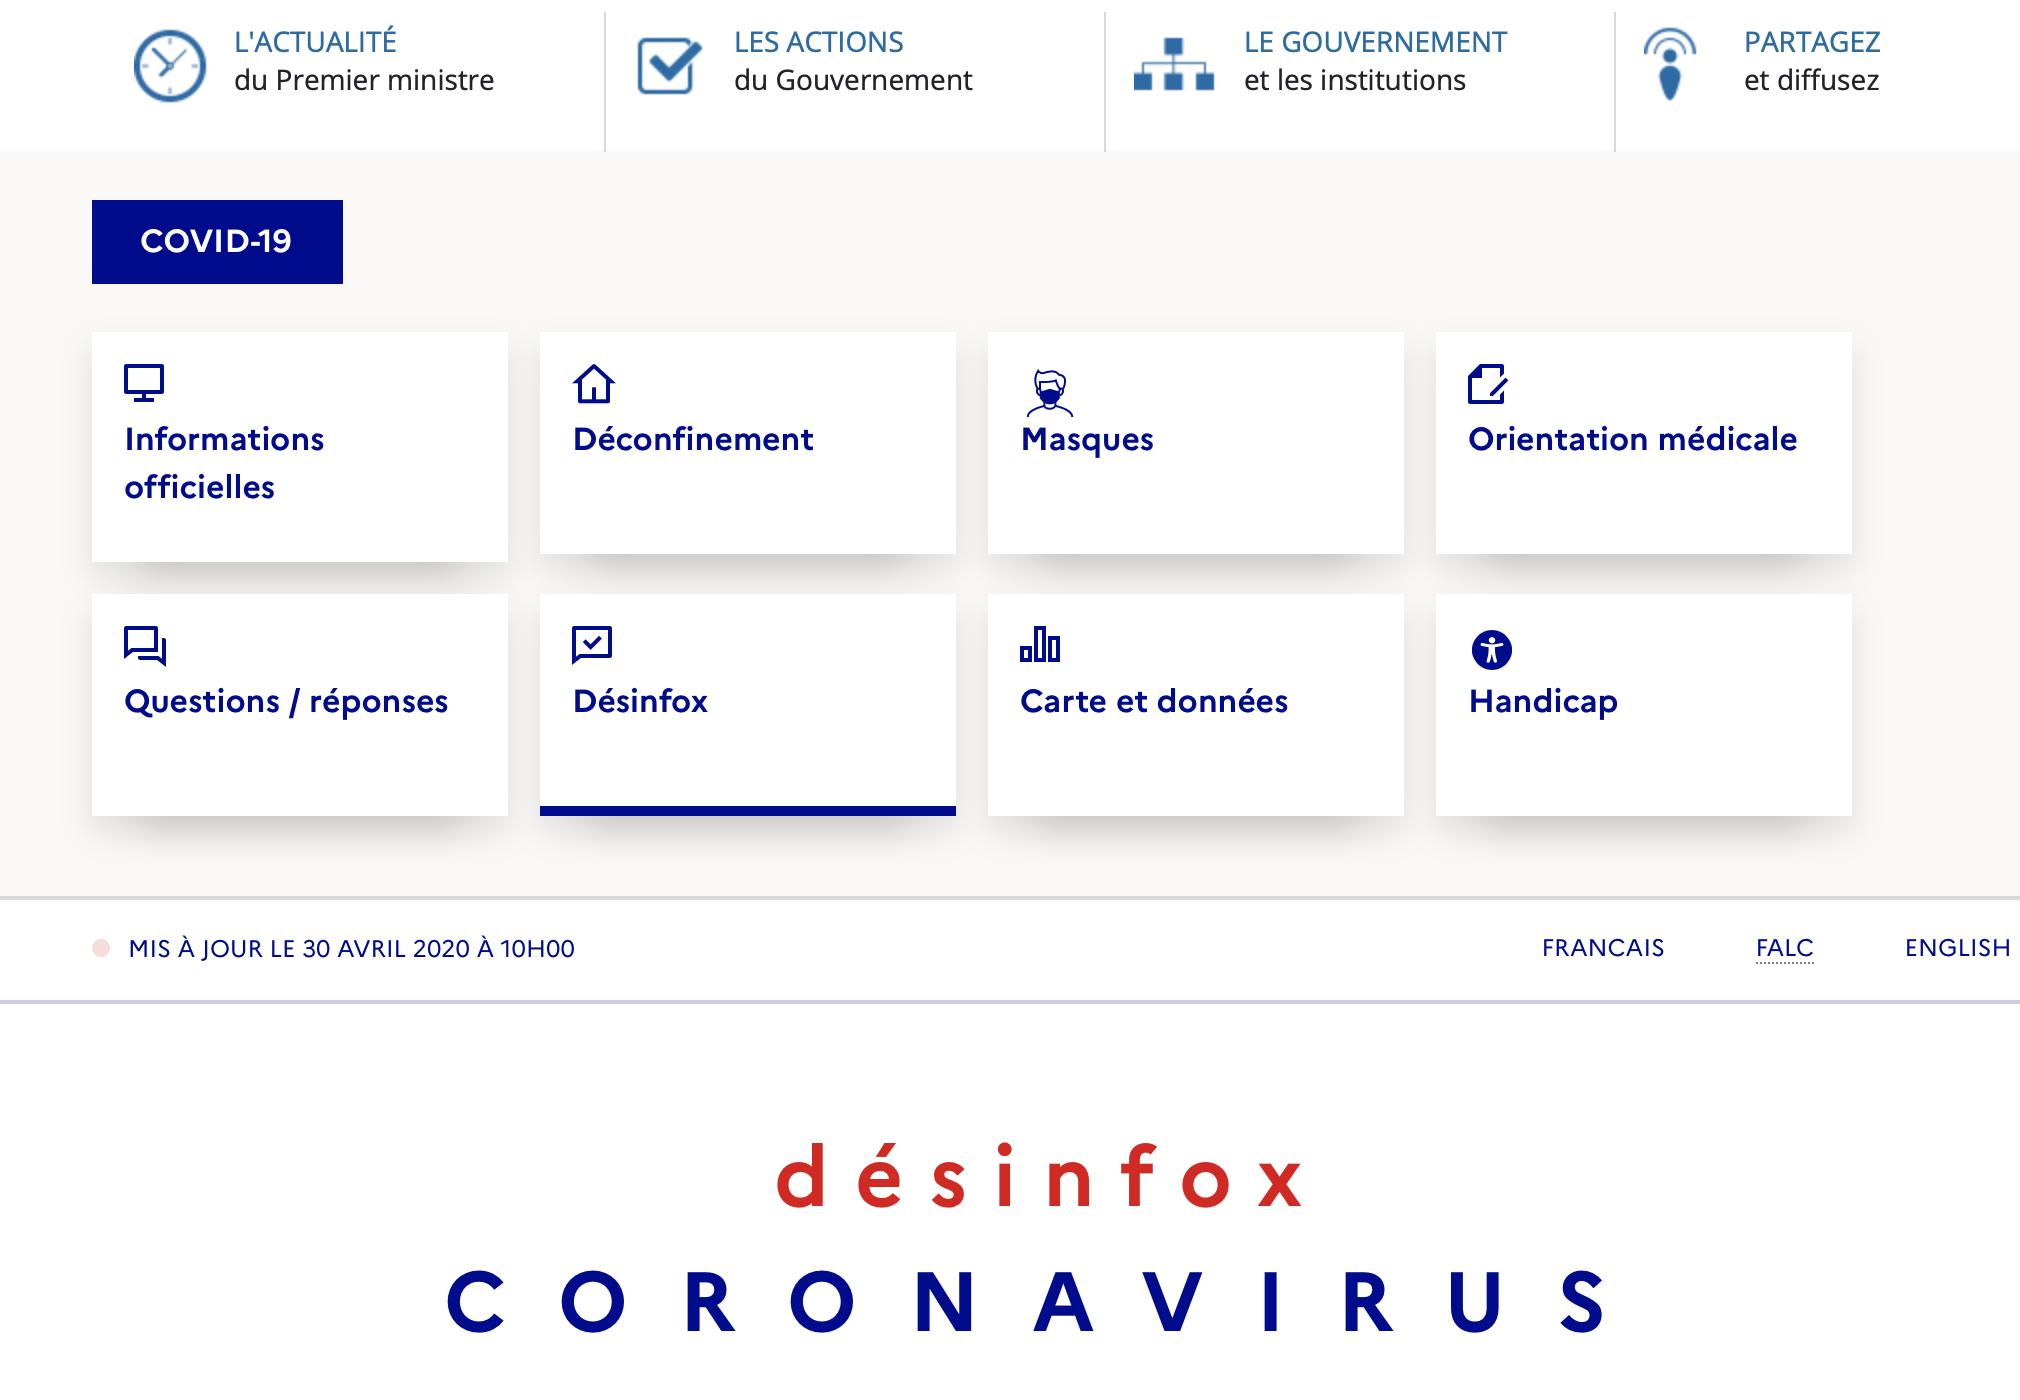 Si-bête présente le Ministère de la désinformation sur le site du gouvernement : Desinfox !